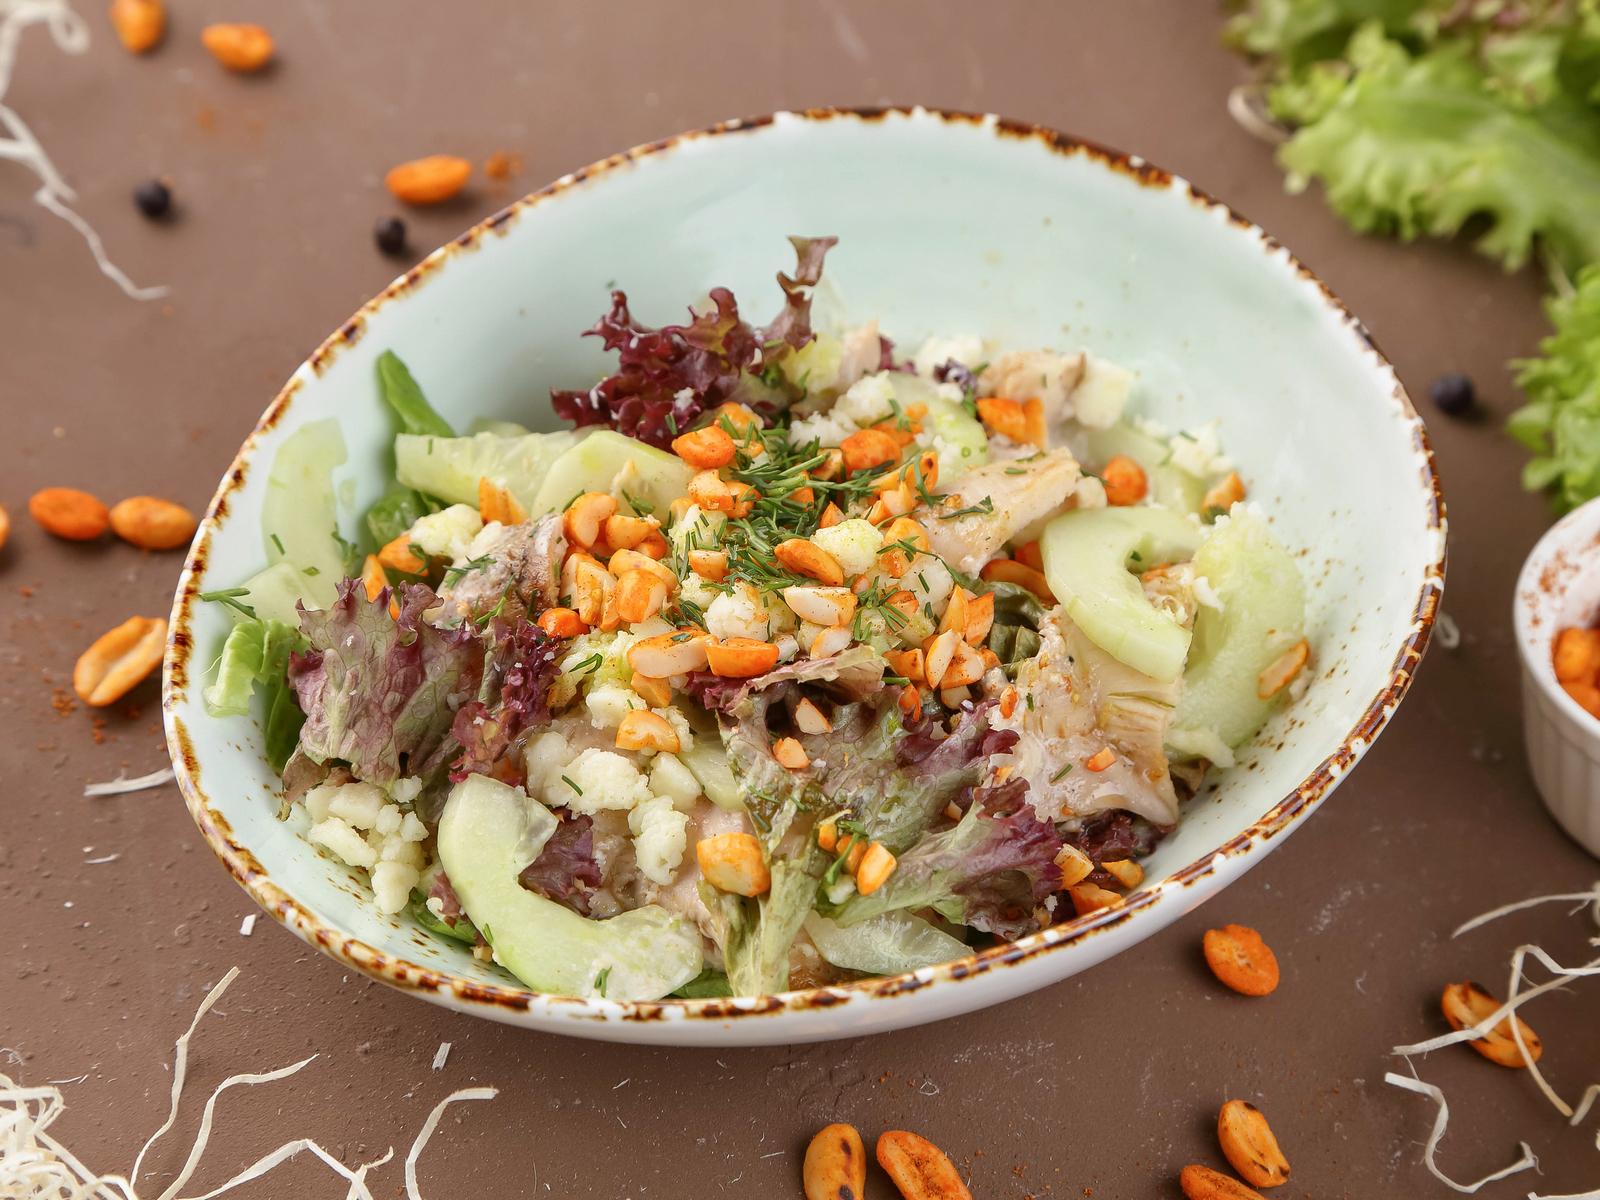 Салат с куриным бедром гриль